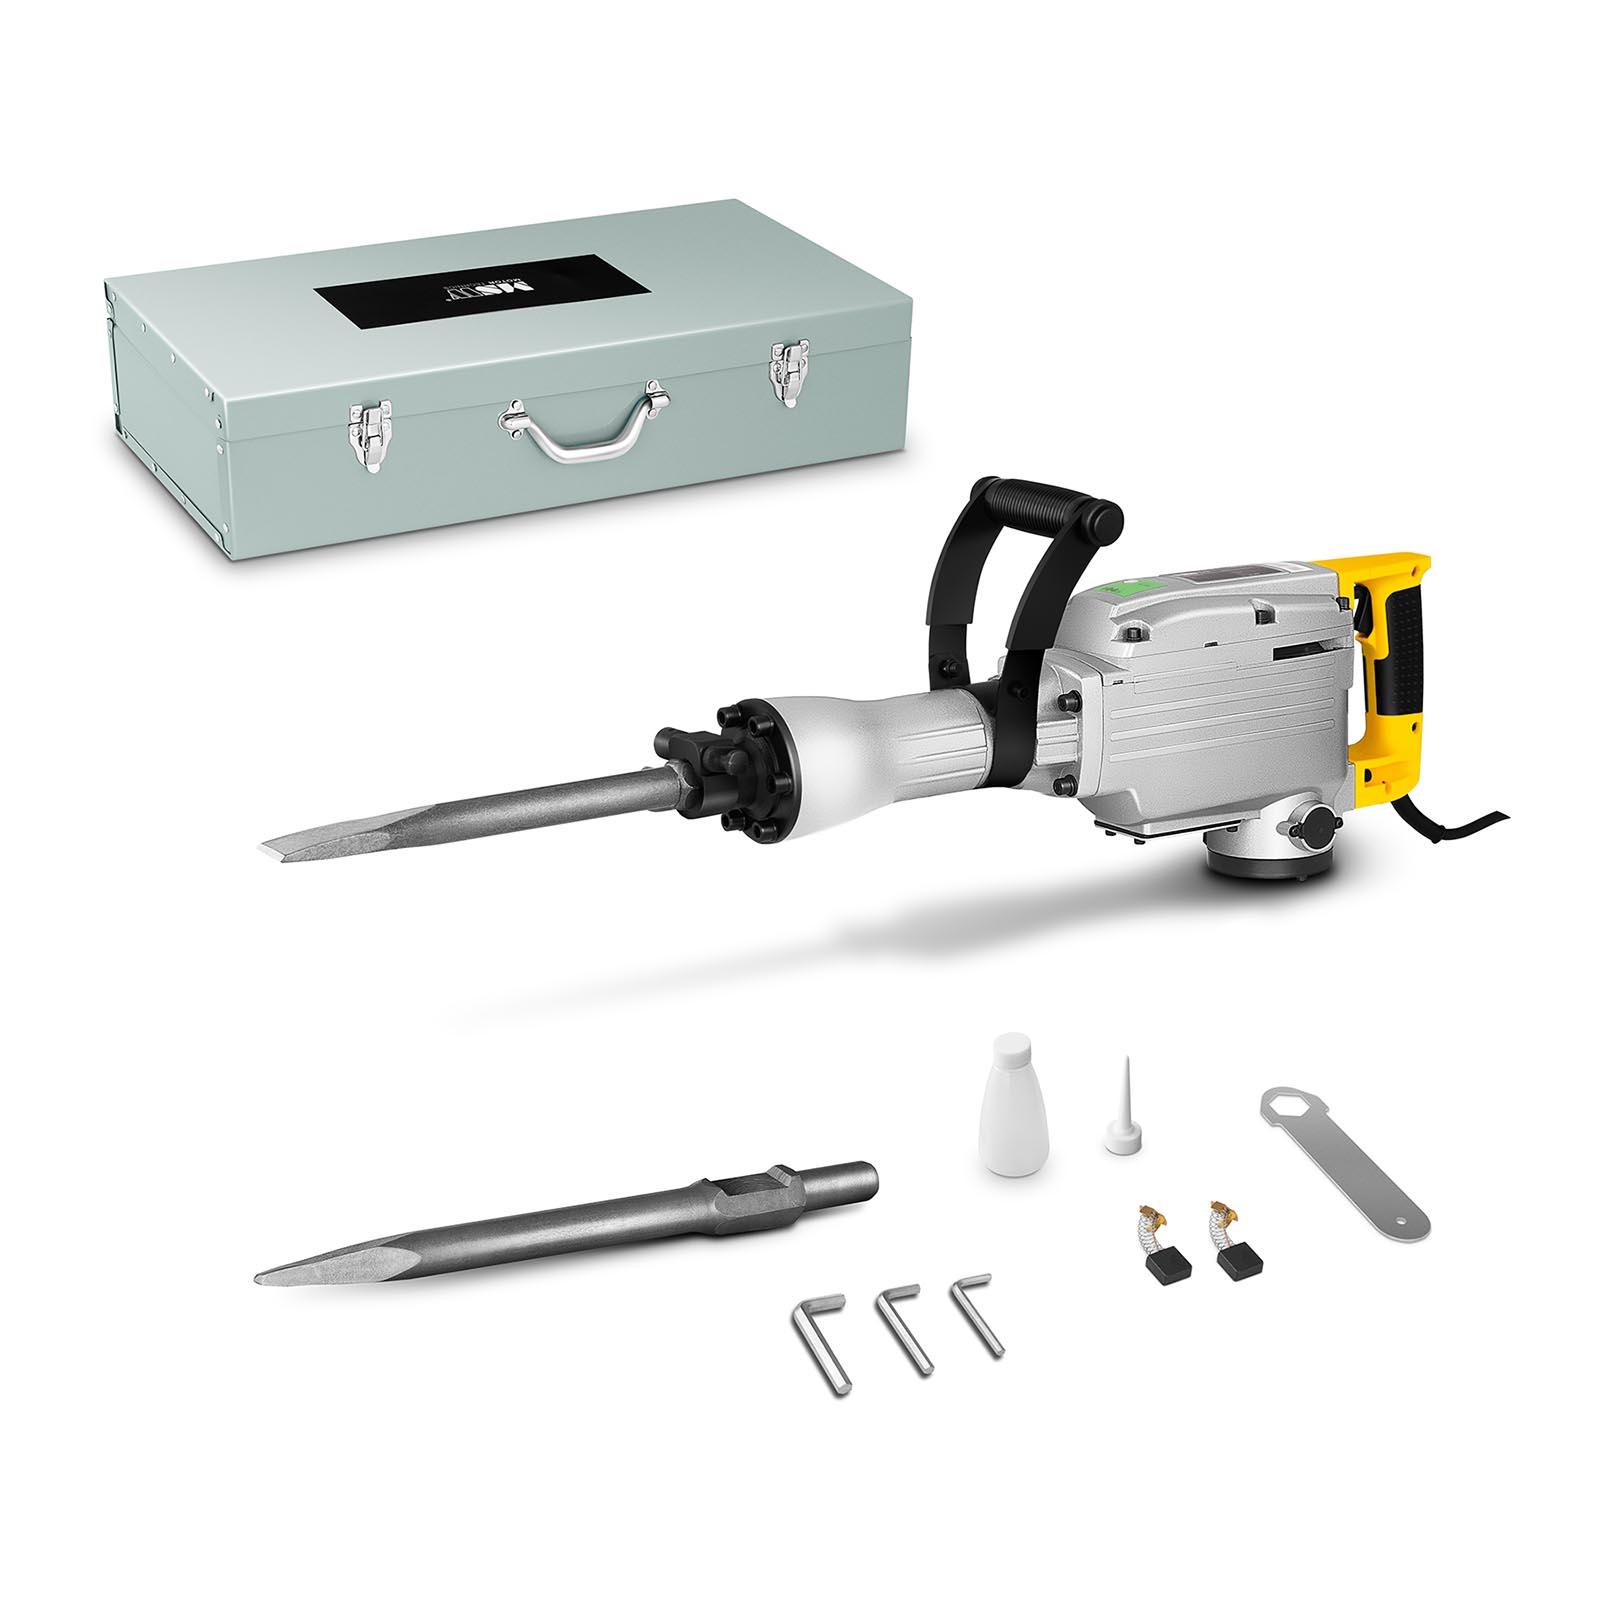 MSW Abbruchhammer - 1.850 W - 1.900 Schläge/min - 45 Joule - SDS Hex ABH-1850-2